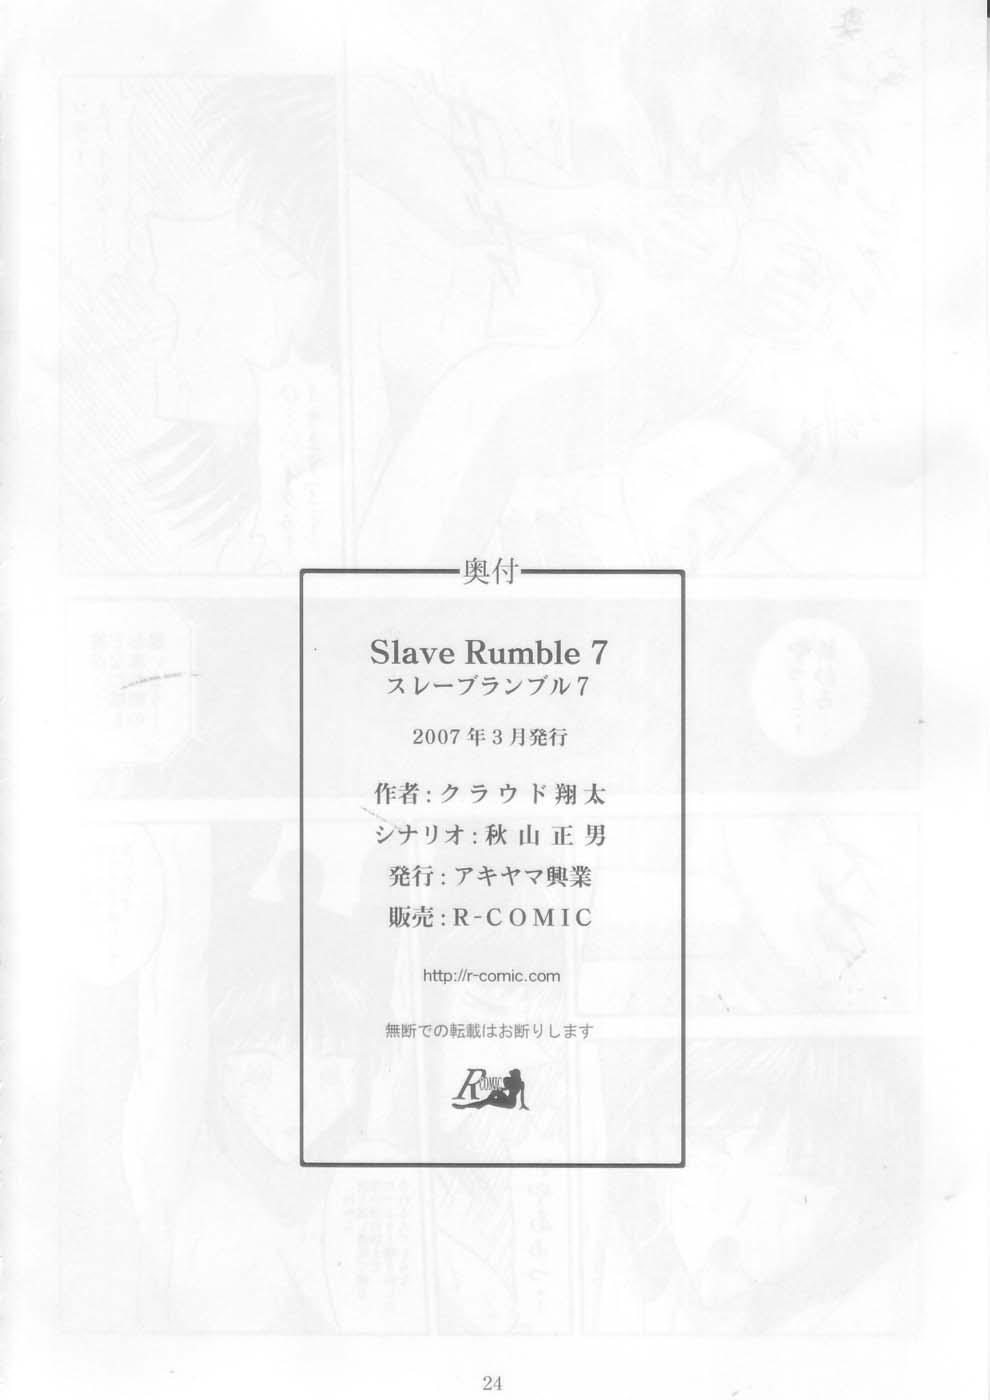 Slave Rumble 7 23